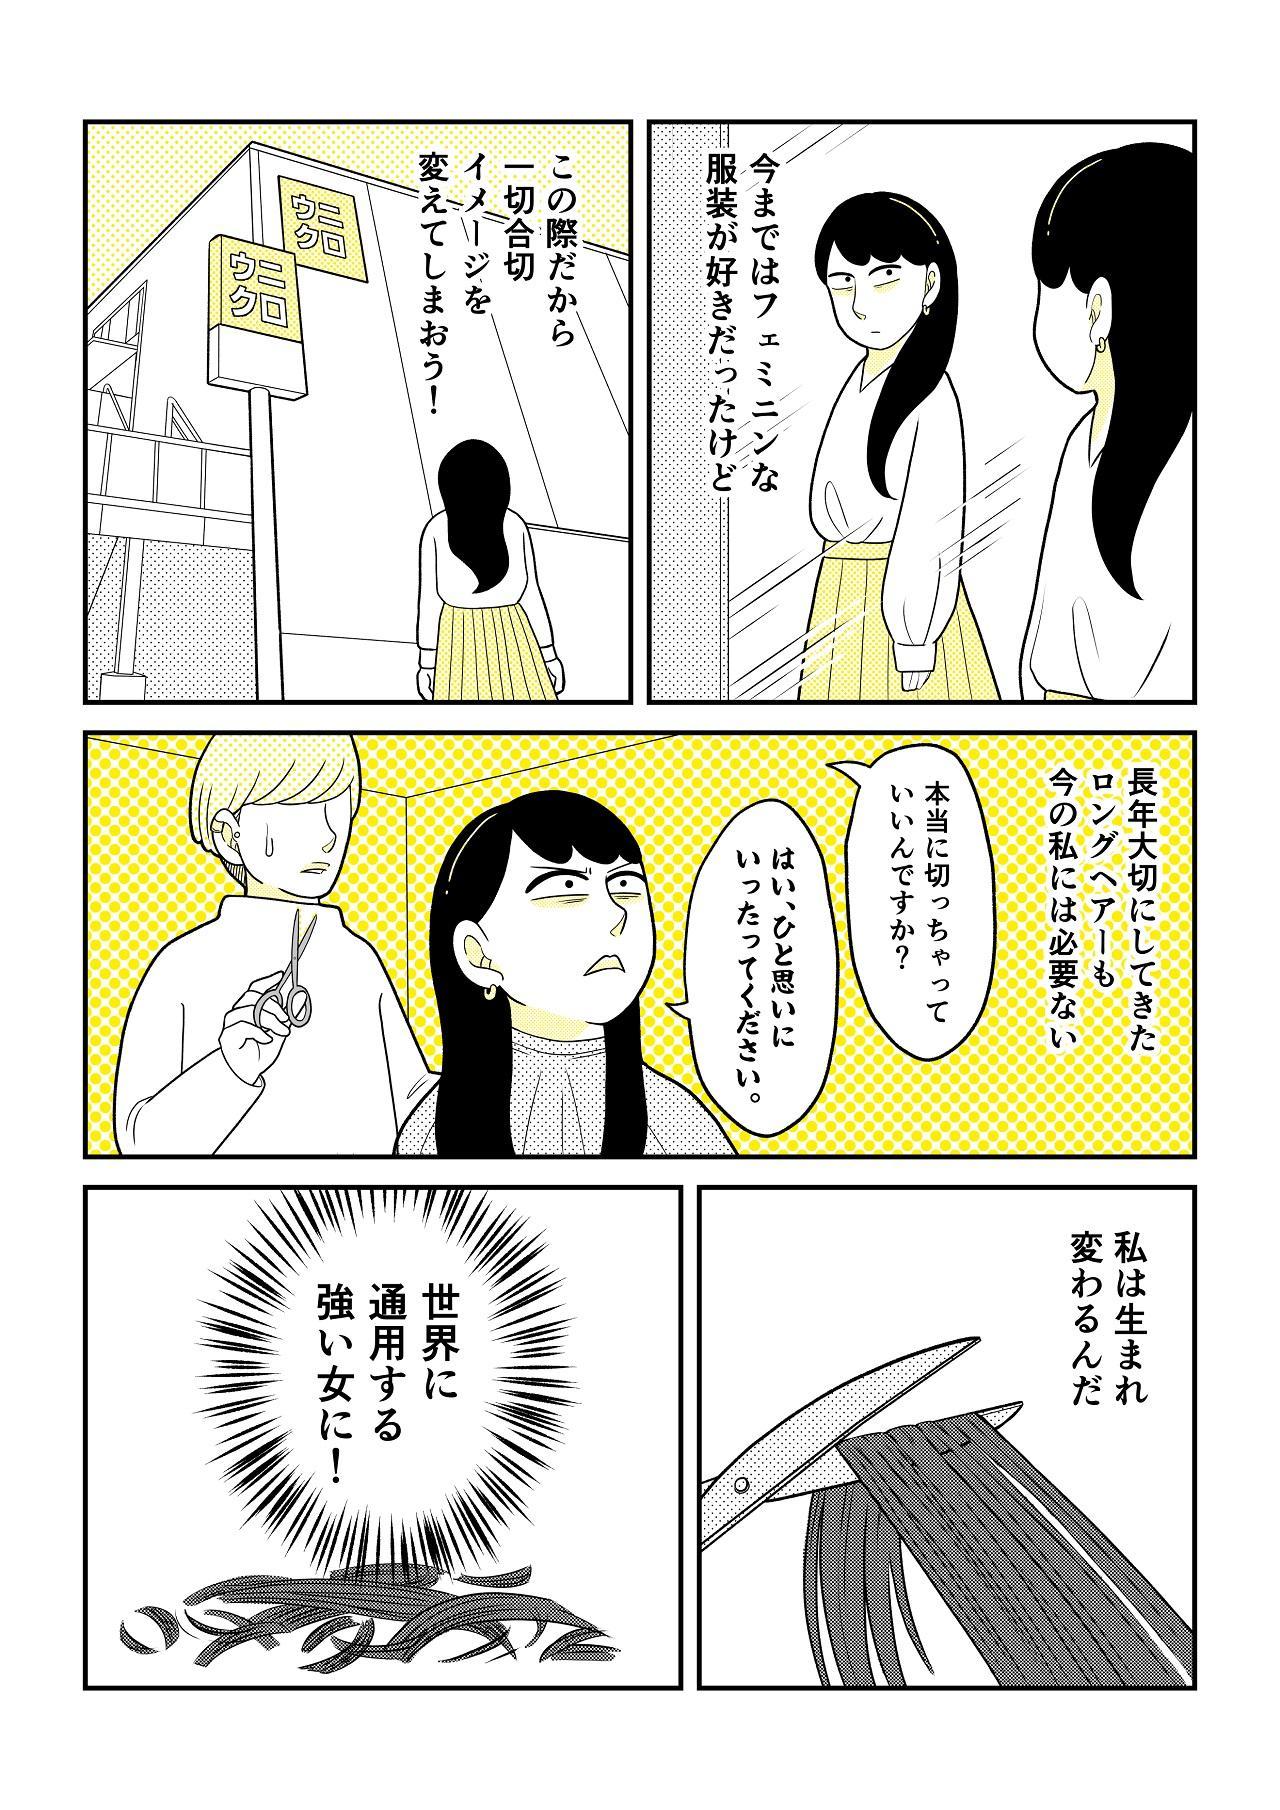 03_06_1280.jpg